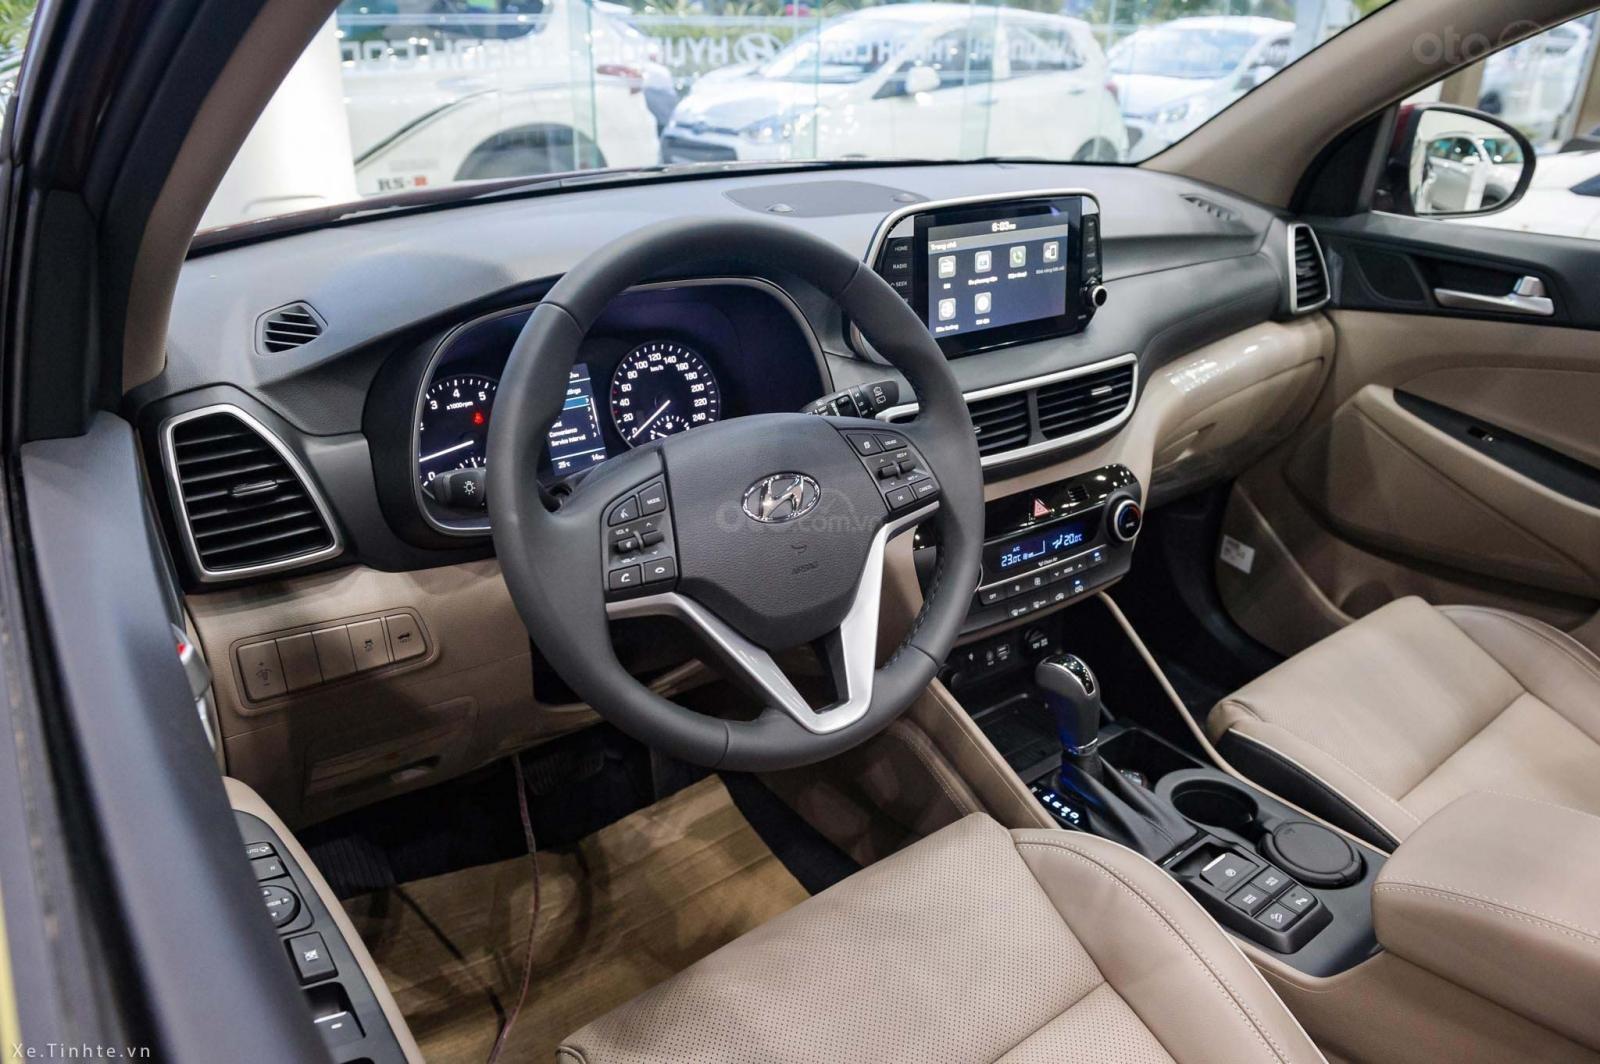 Hyundai Tucson 2.0 xăng đặc biệt 2020, đủ phiên bản - đủ màu, ưu đãi lớn tháng 11, hỗ trợ trả góp tới 85% giá trị xe (7)